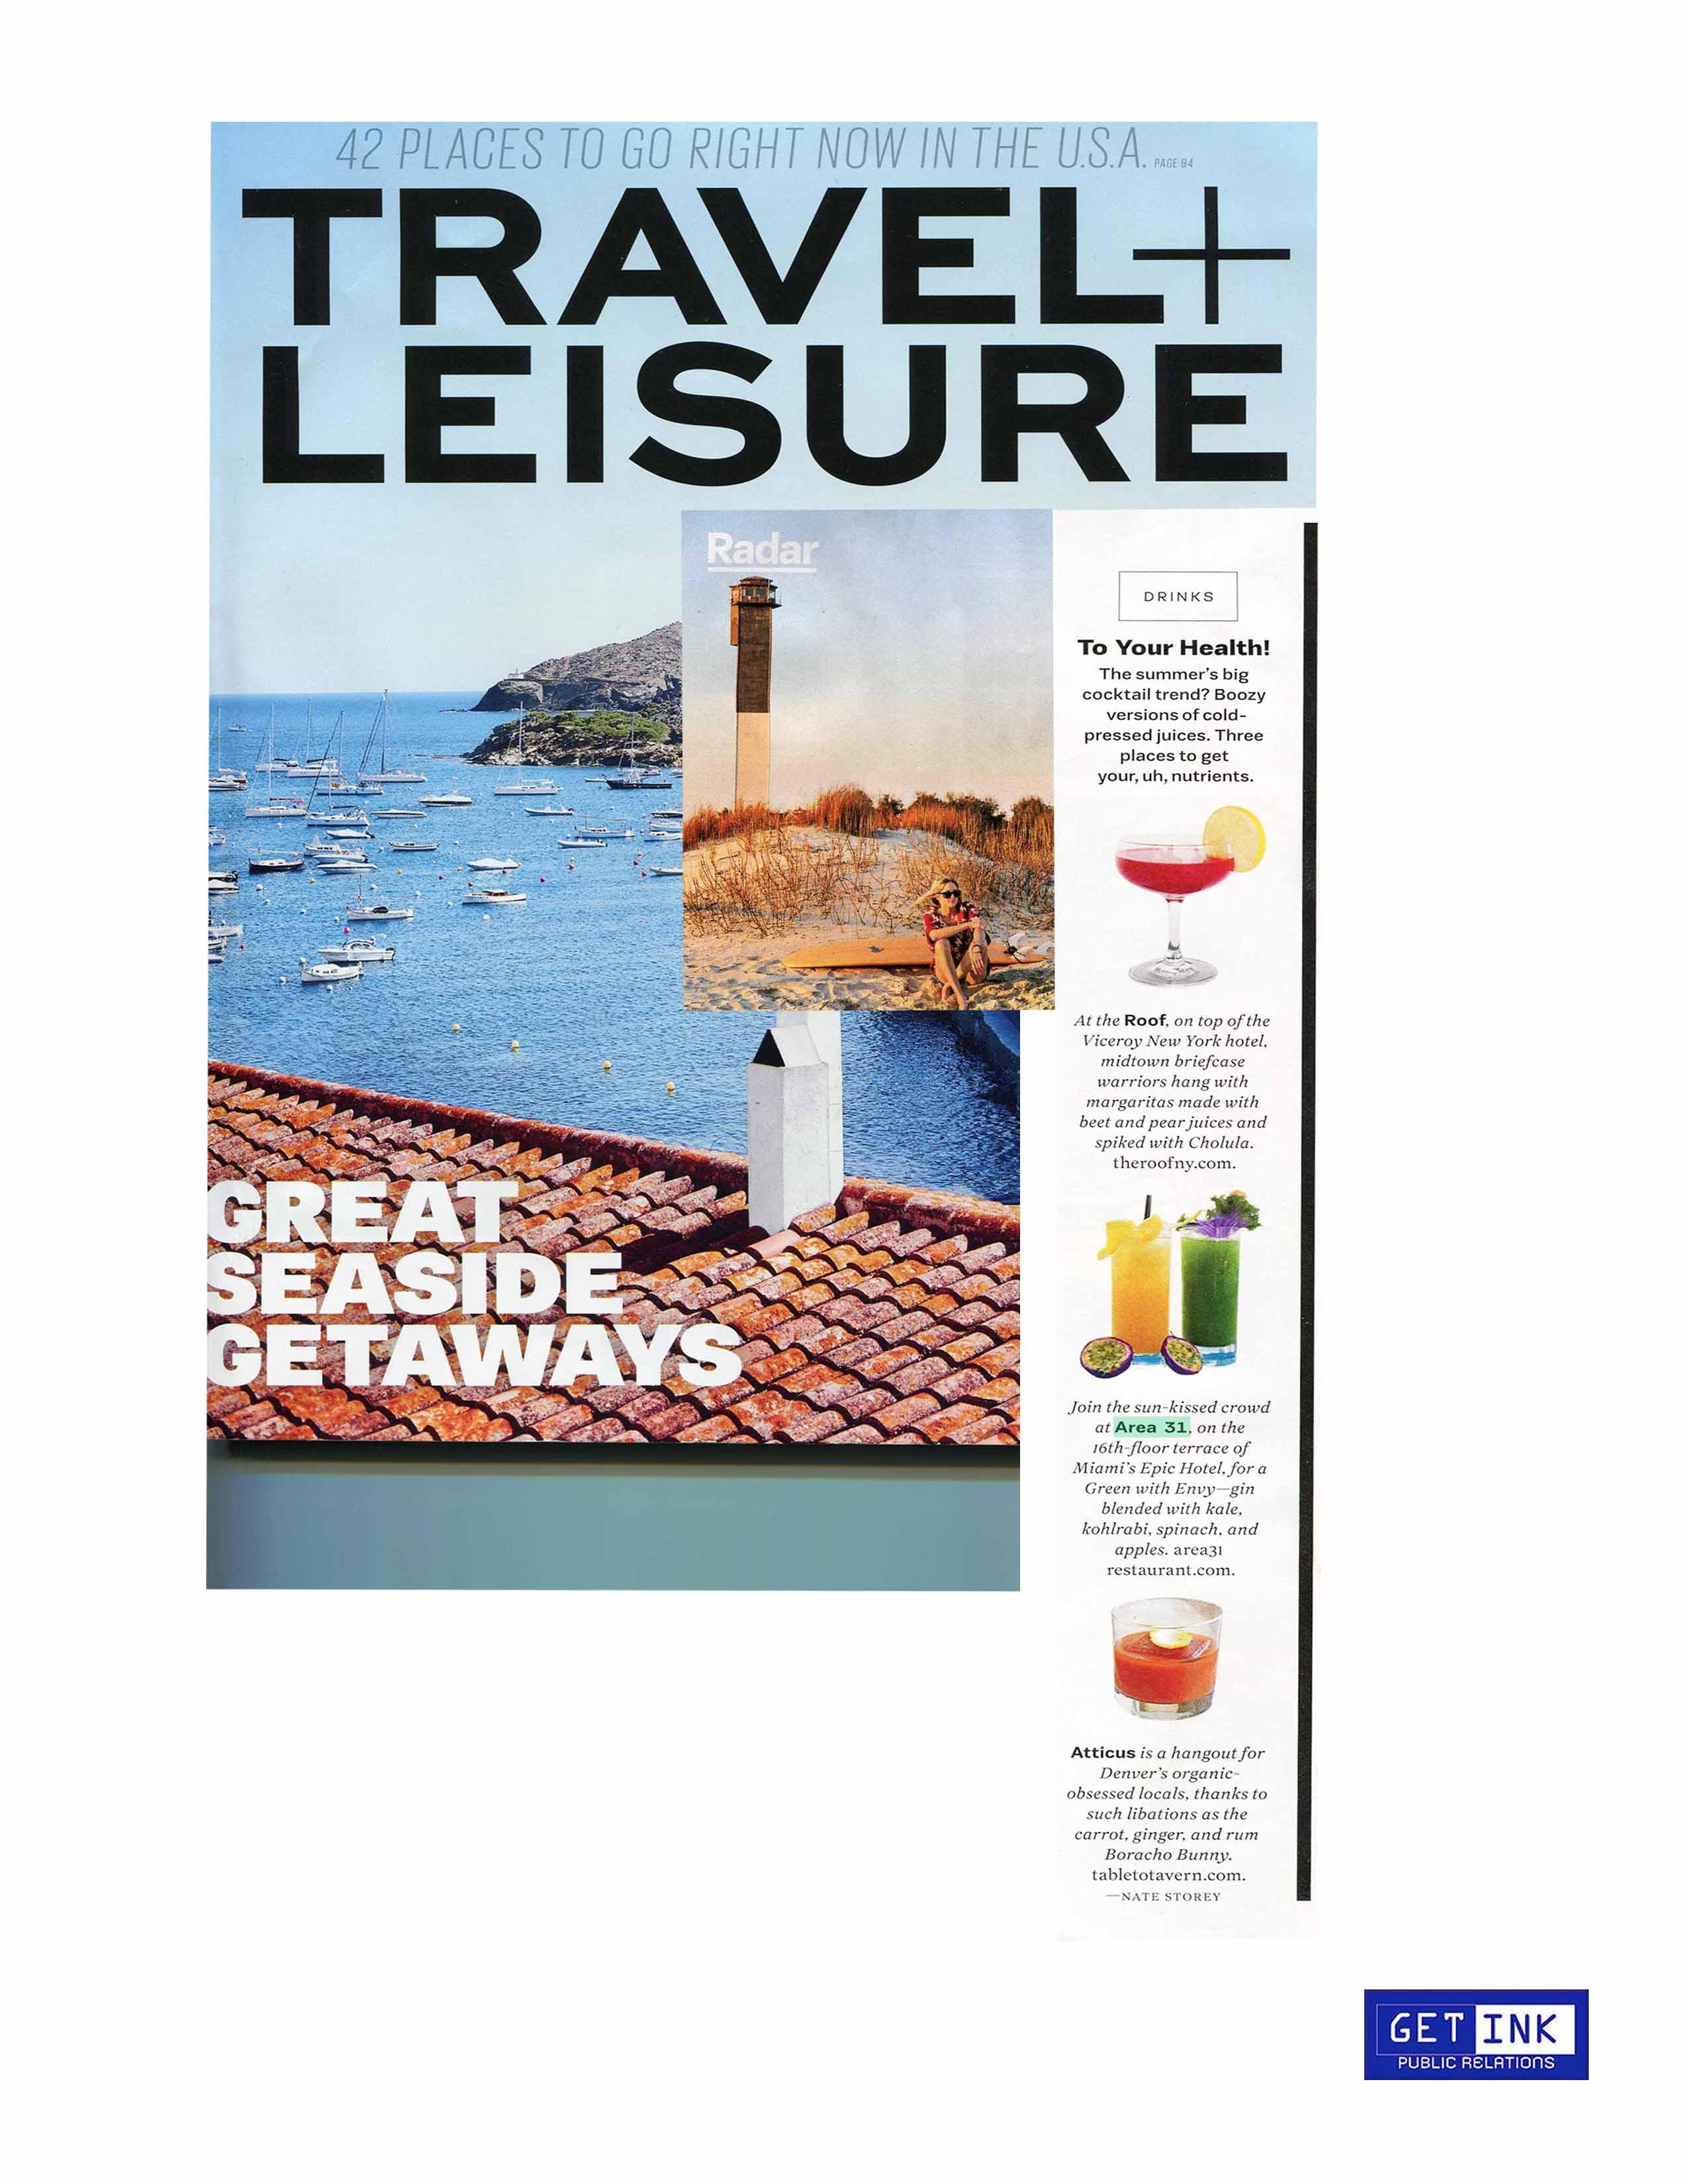 Area 31 Miami in Miami in Travel + Leisure Magazine - Get Ink PR